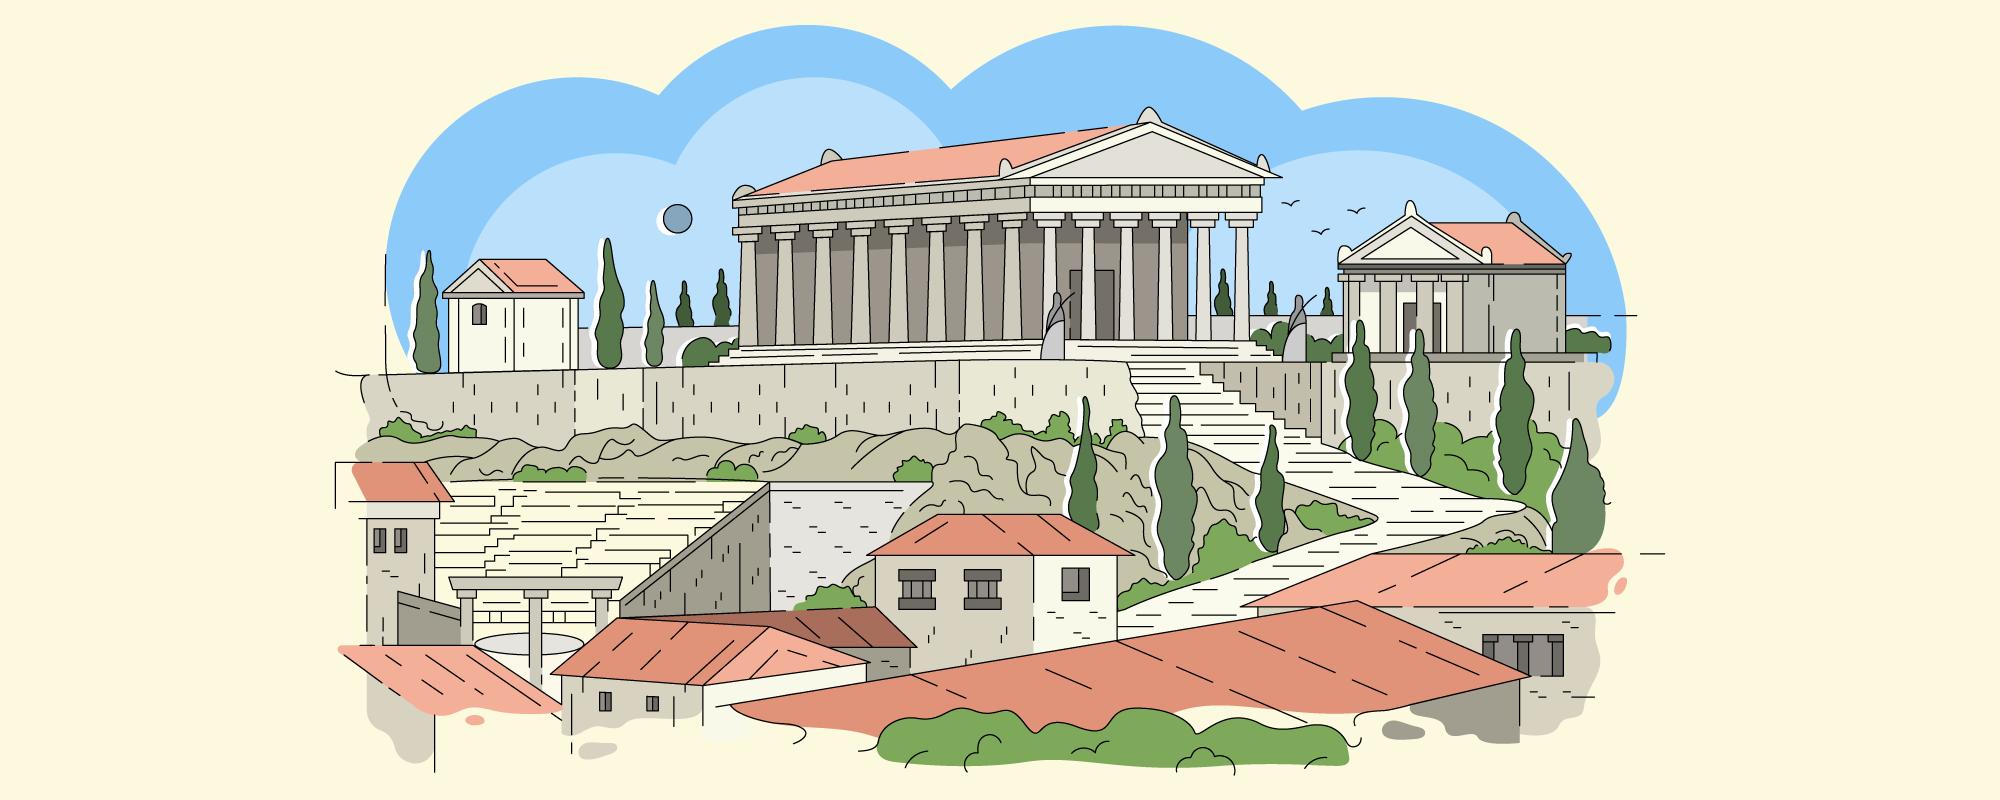 Ilustración a color que muestra edificaciones de la época de la Antigua Grecia.